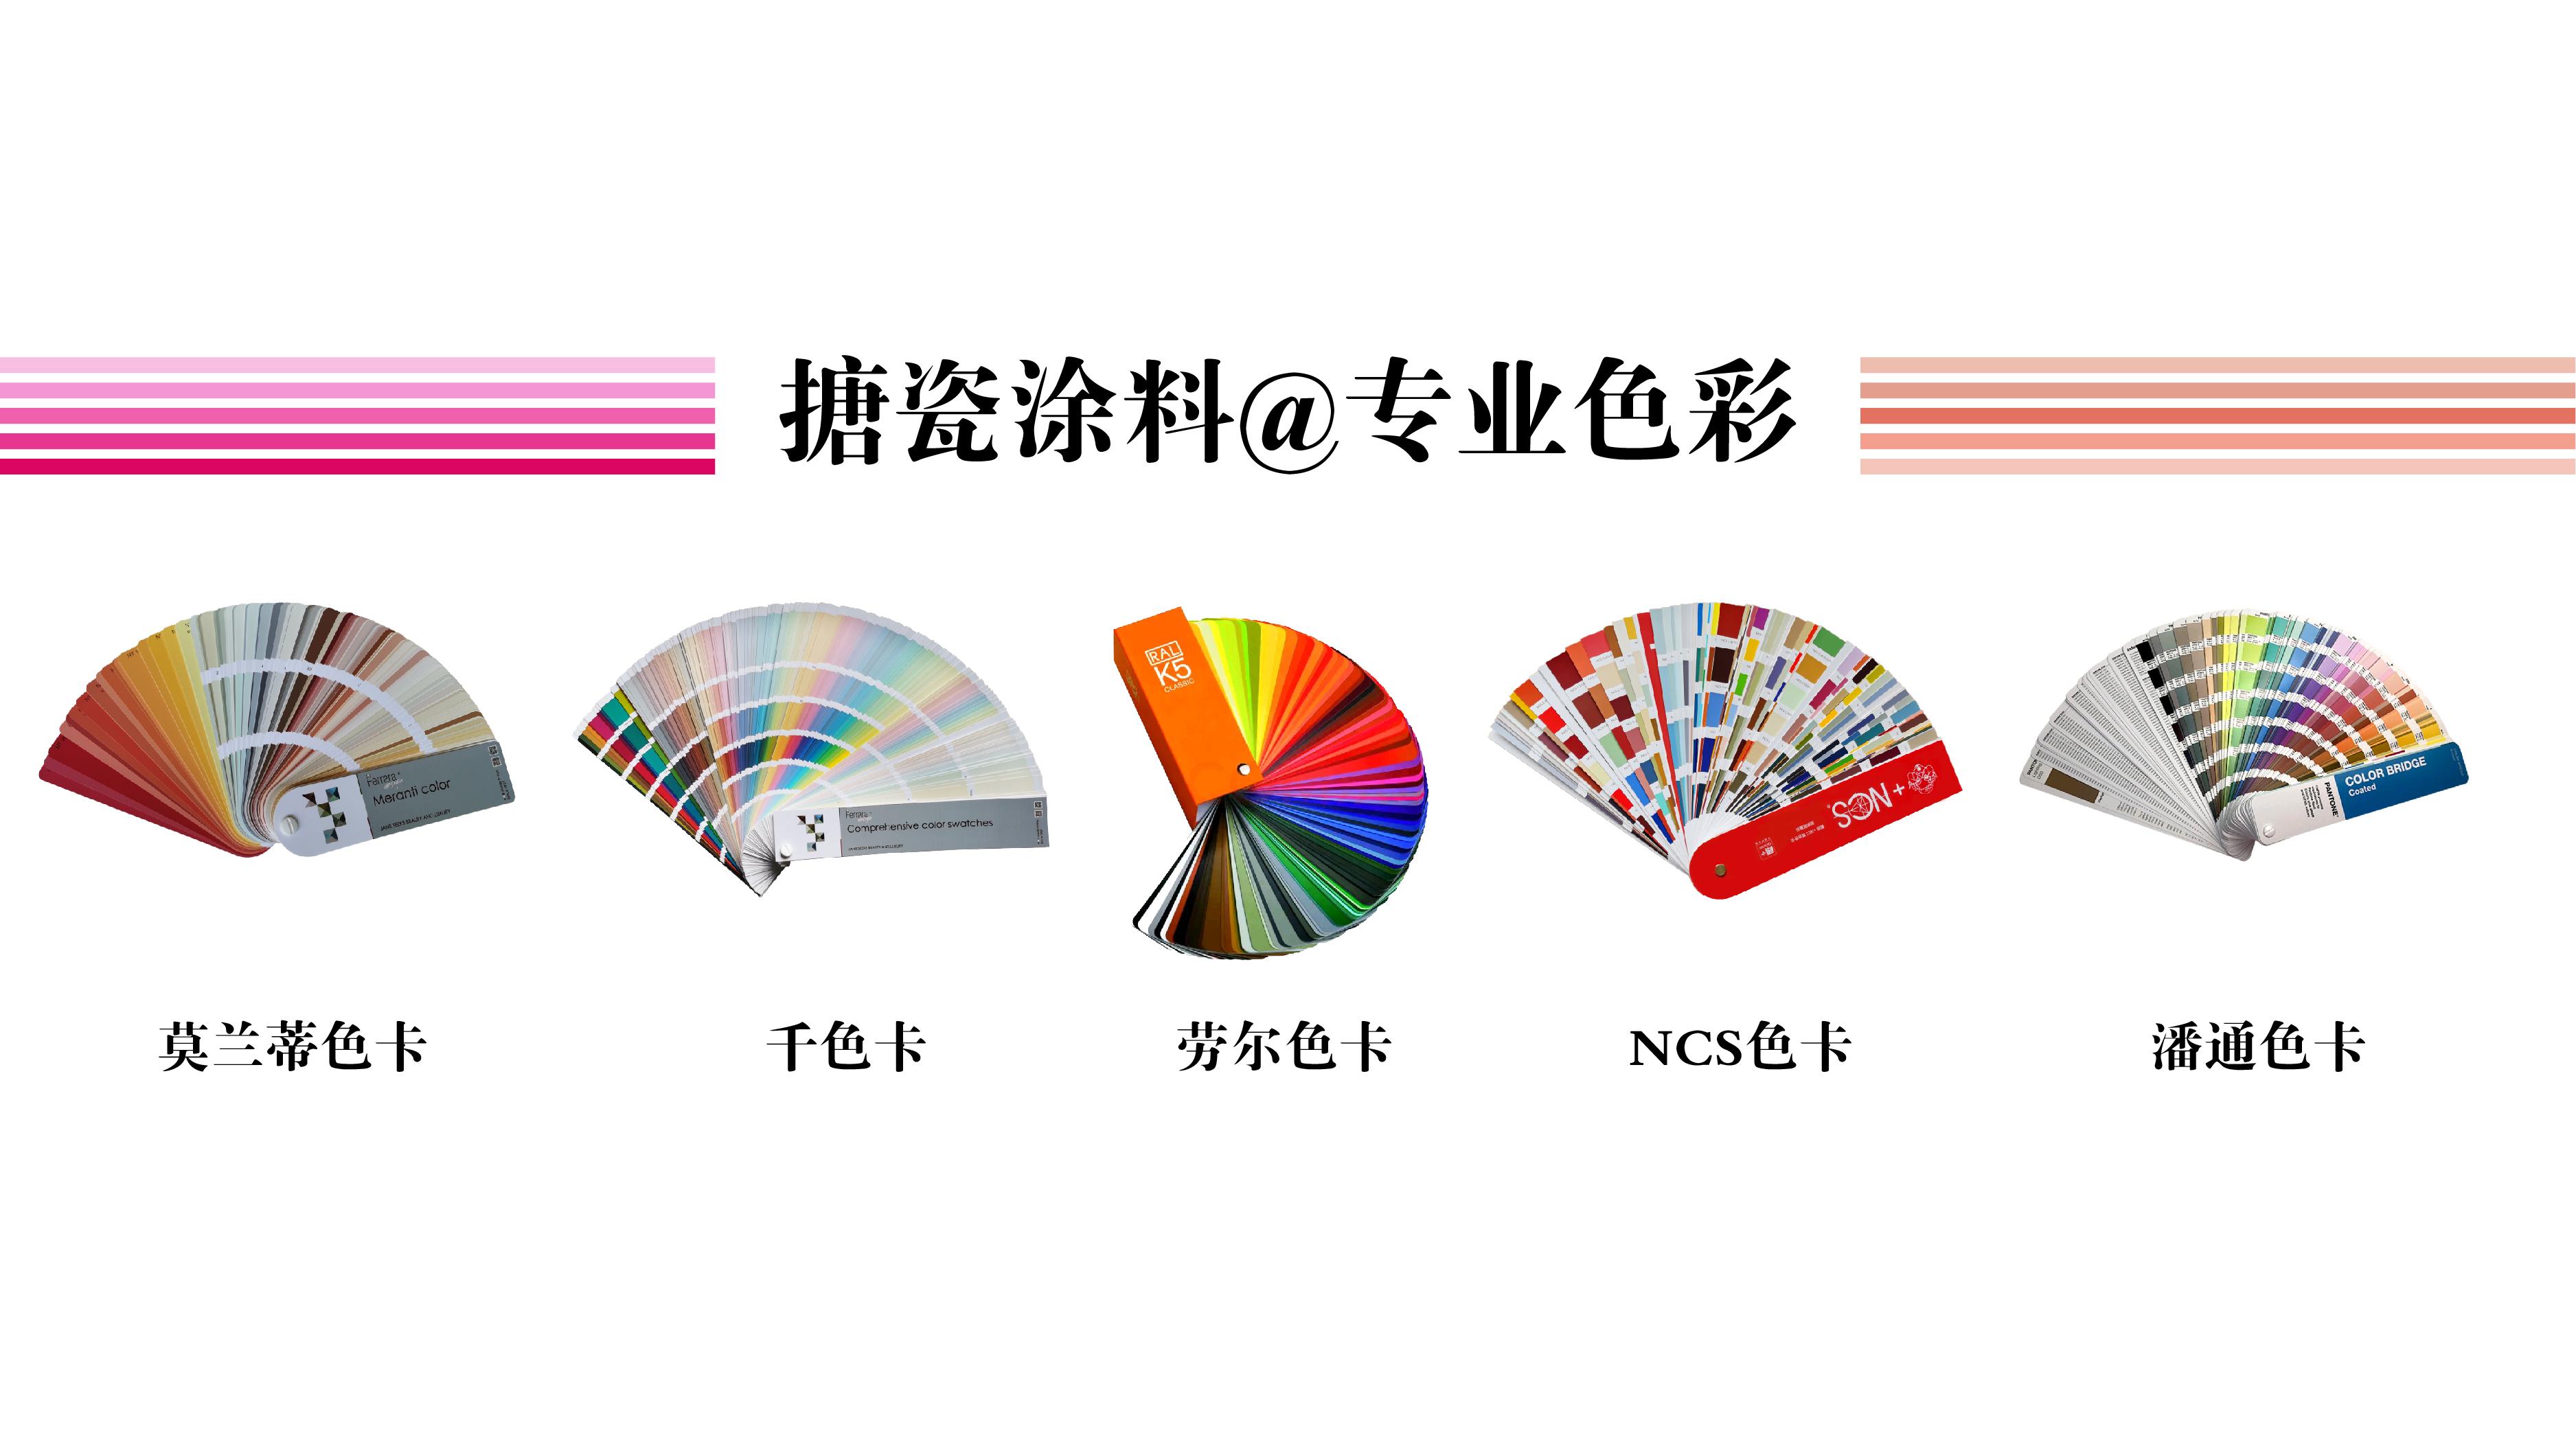 三色卡-1_画板 1 副本 5.jpg